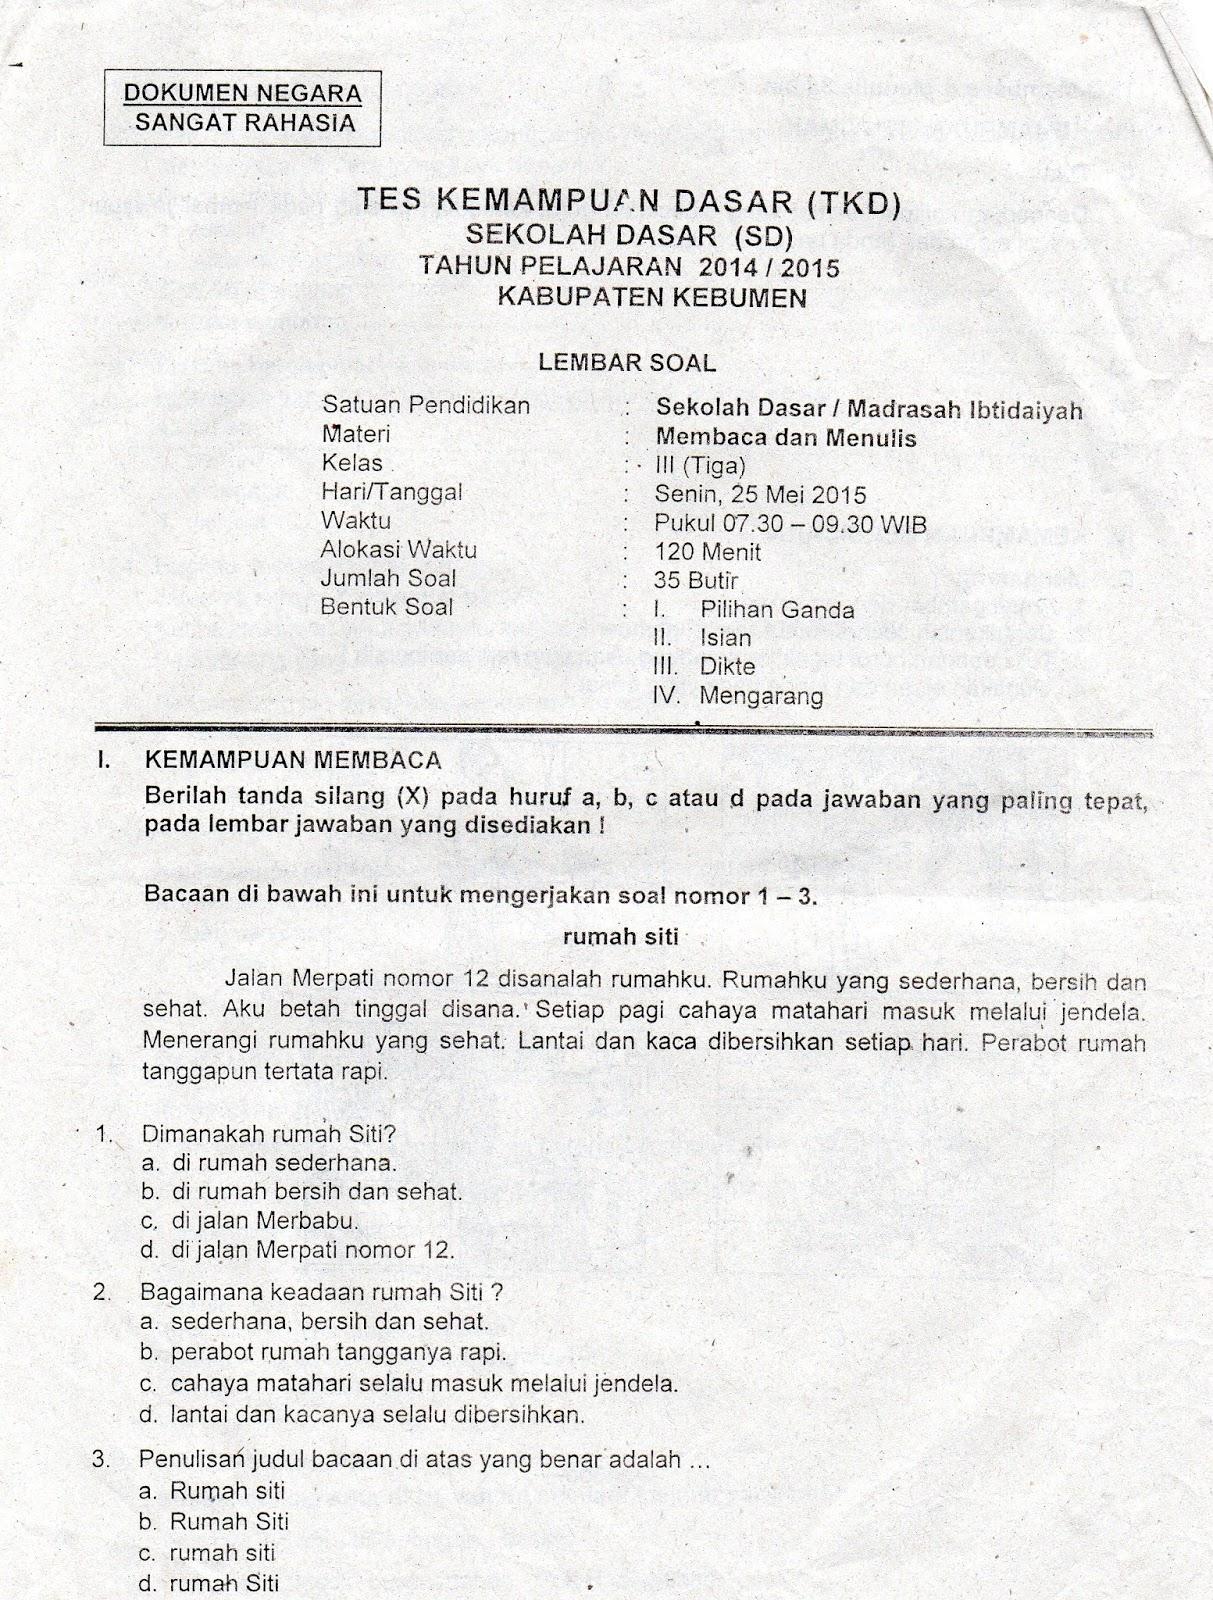 Soal Soal Tes Kemampuan Dasar TKD Kelas 3 Tahun 2014 2015